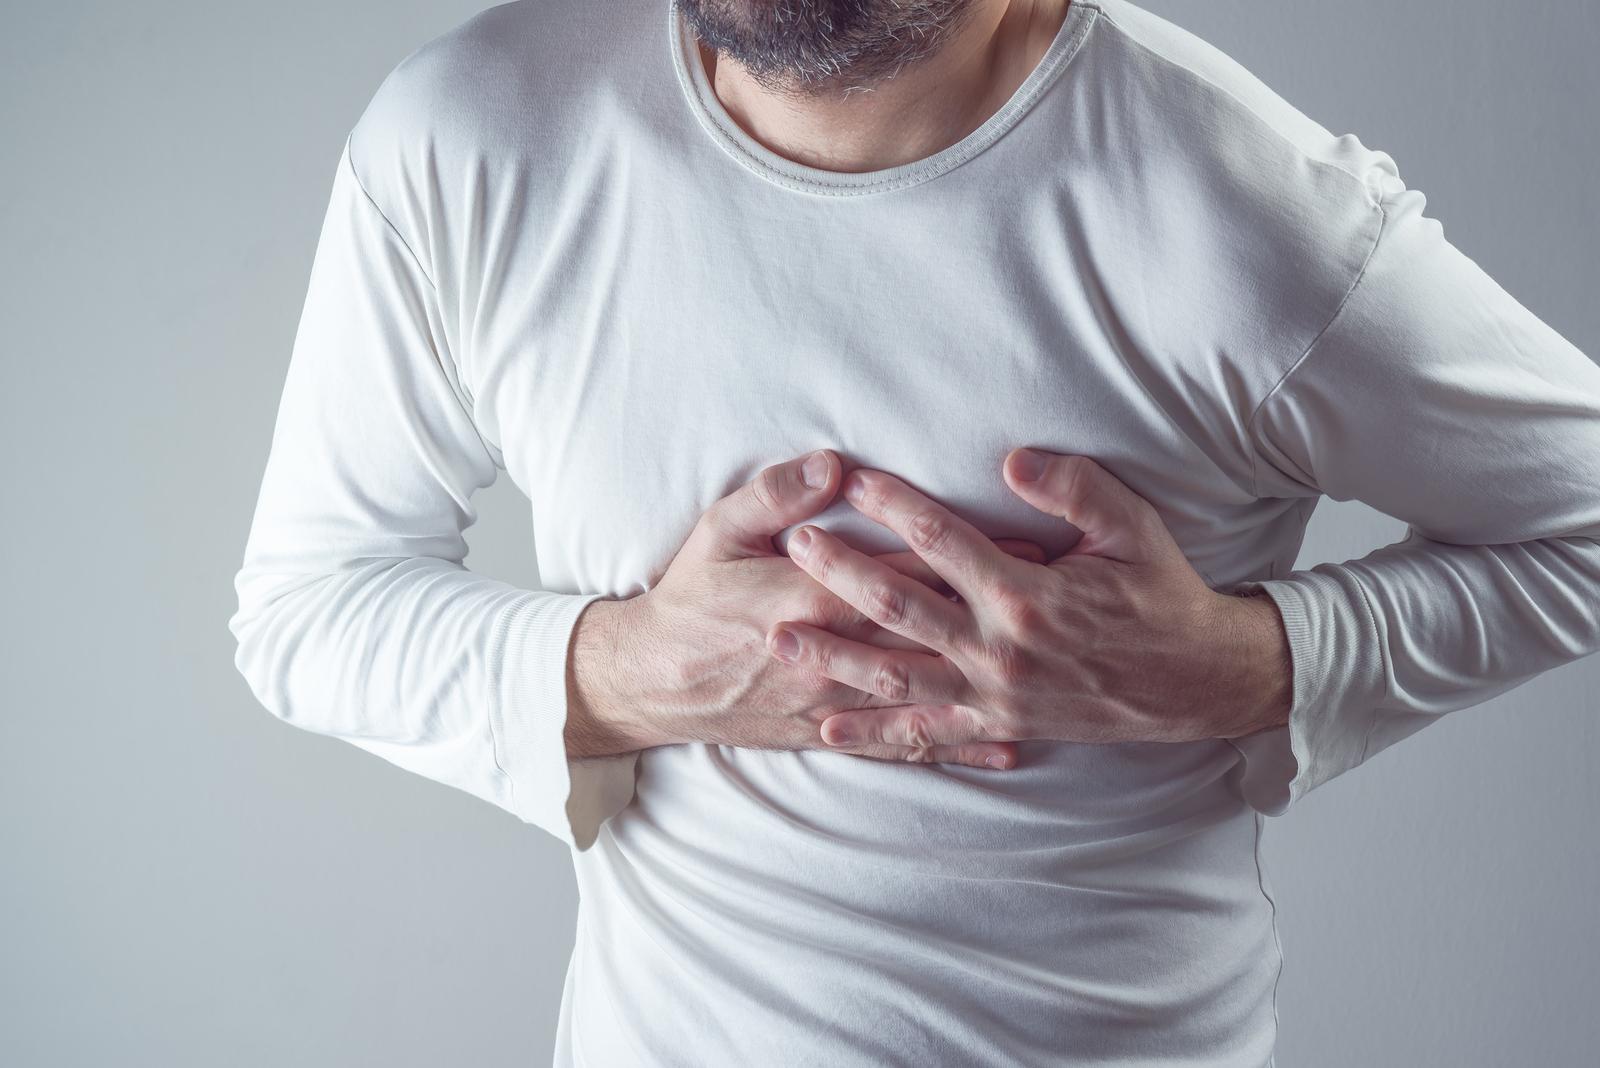 Podcast: Dor no peito: Como saber se é grave?